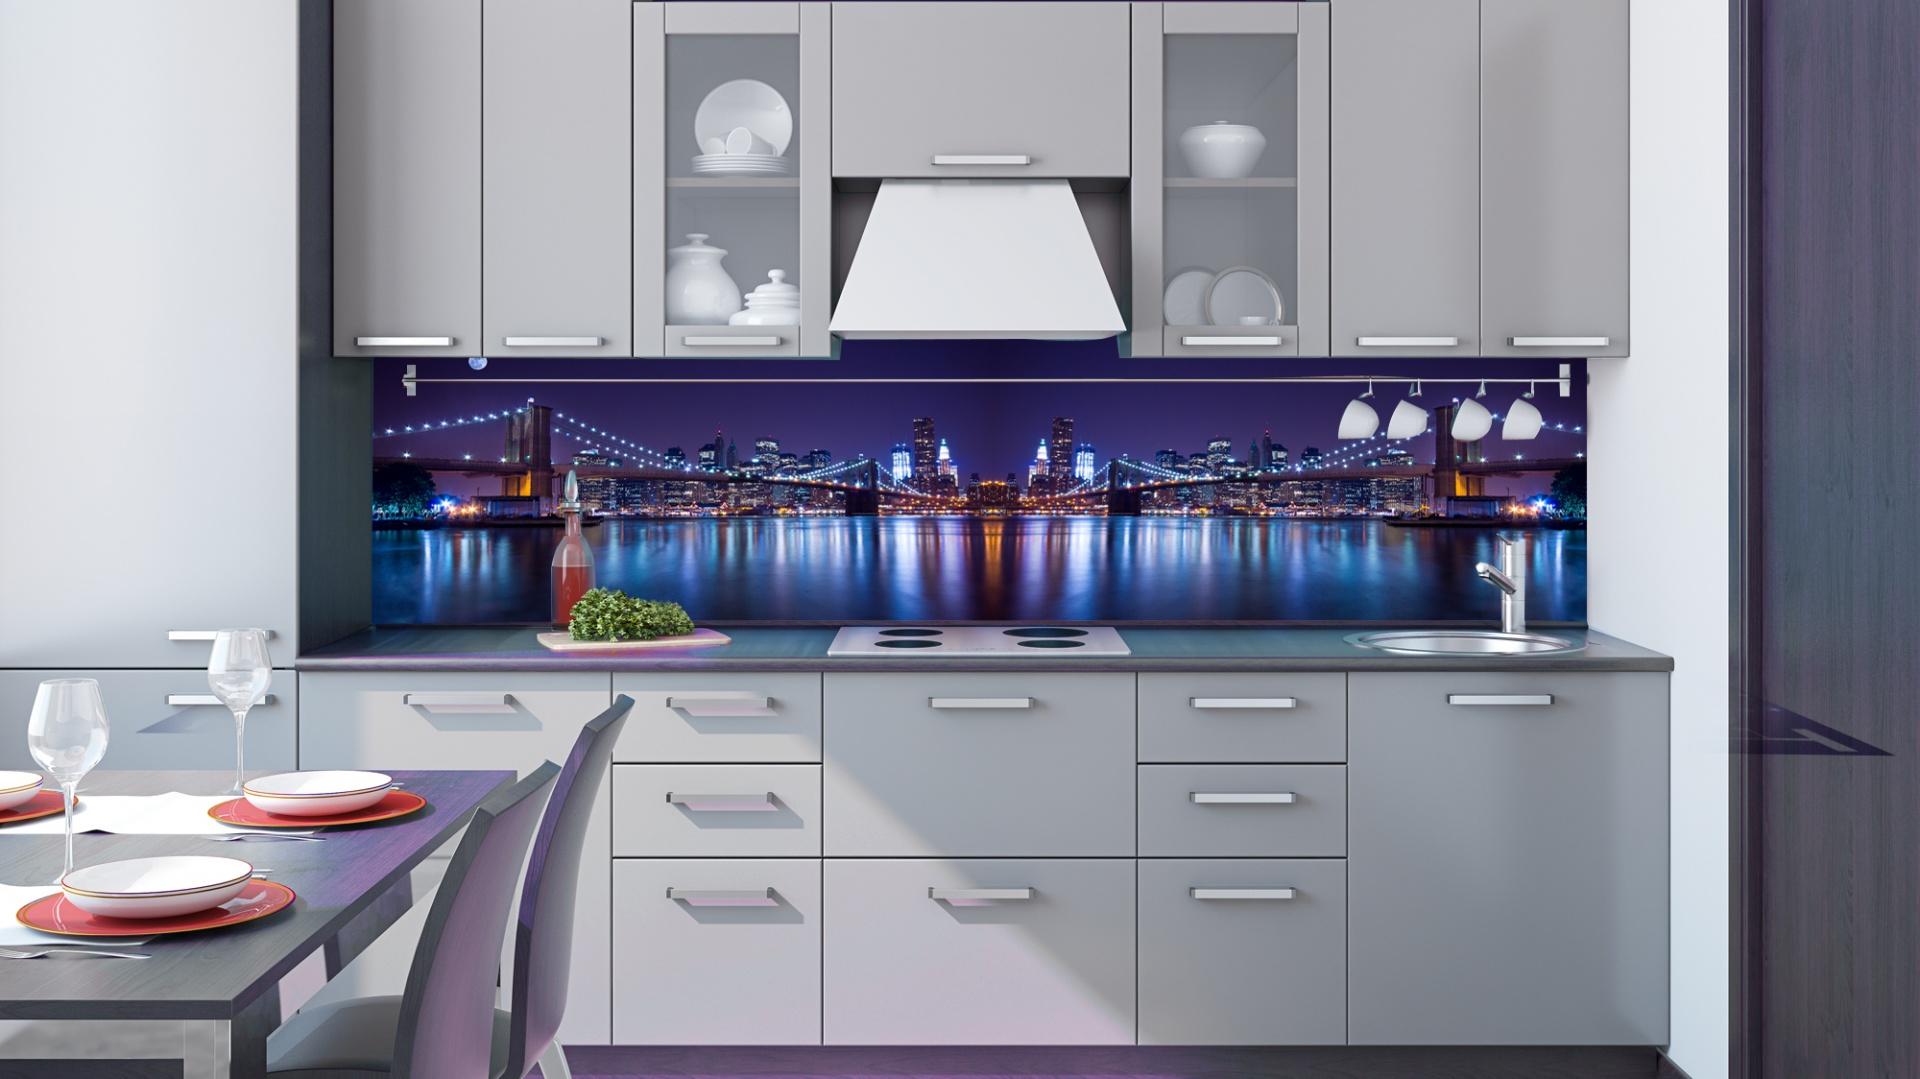 Miejska panorama miasta może mieć wiele obliczy. Tutaj, ubrana w odcienie niebieskiego i fioletu, zachwyca odbijającymi się w tafli wody światłami wielkomiejskich budowli. Fot. DecoMania.